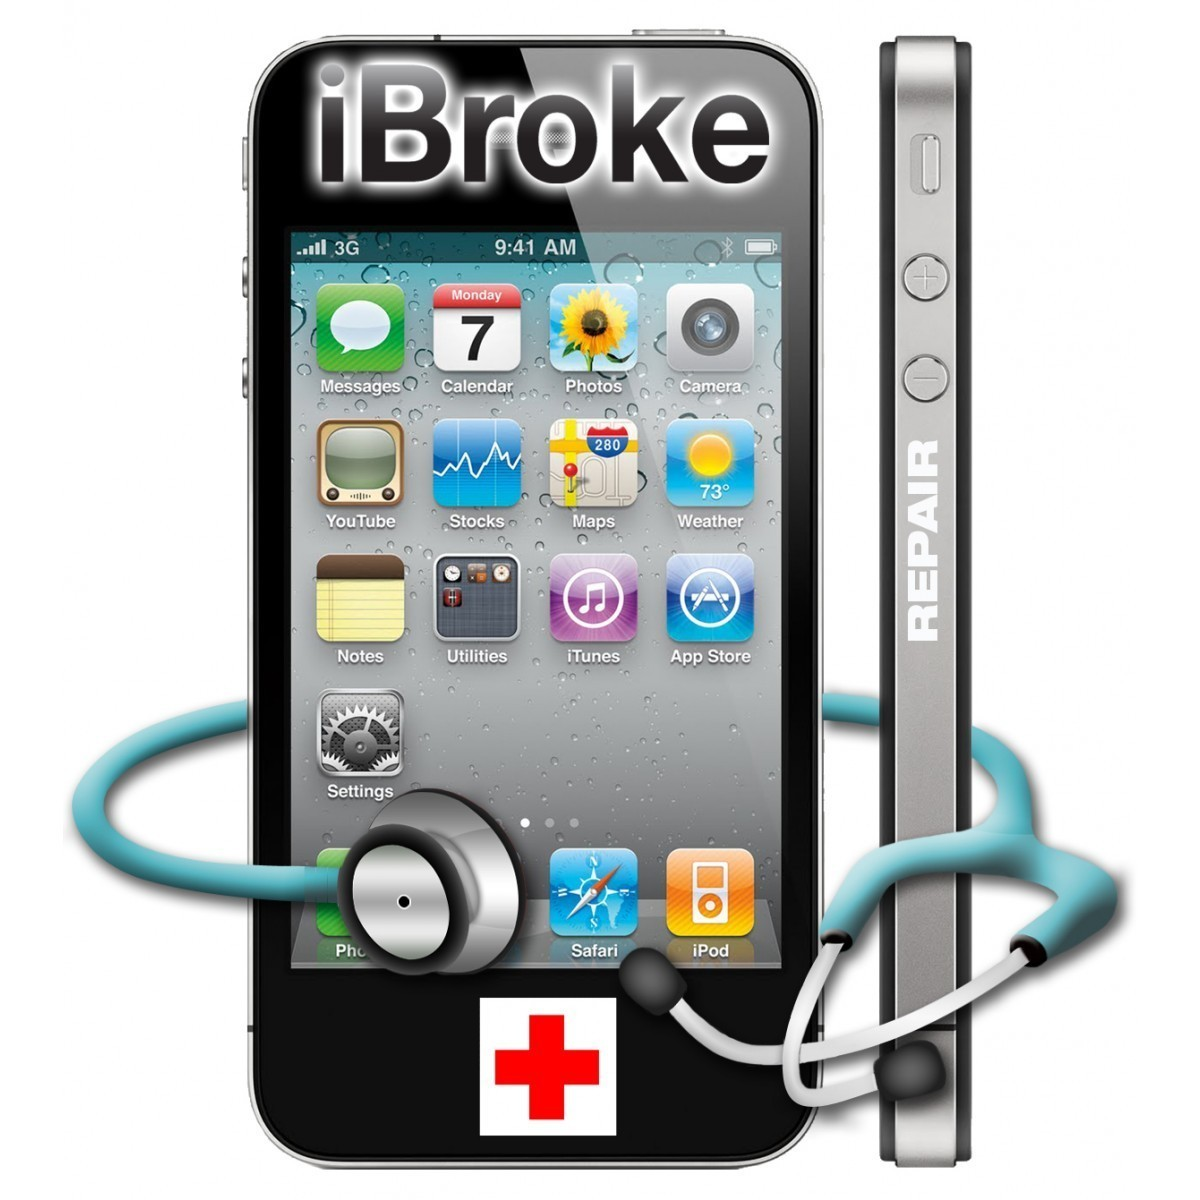 лицензированный ремонт айфонов